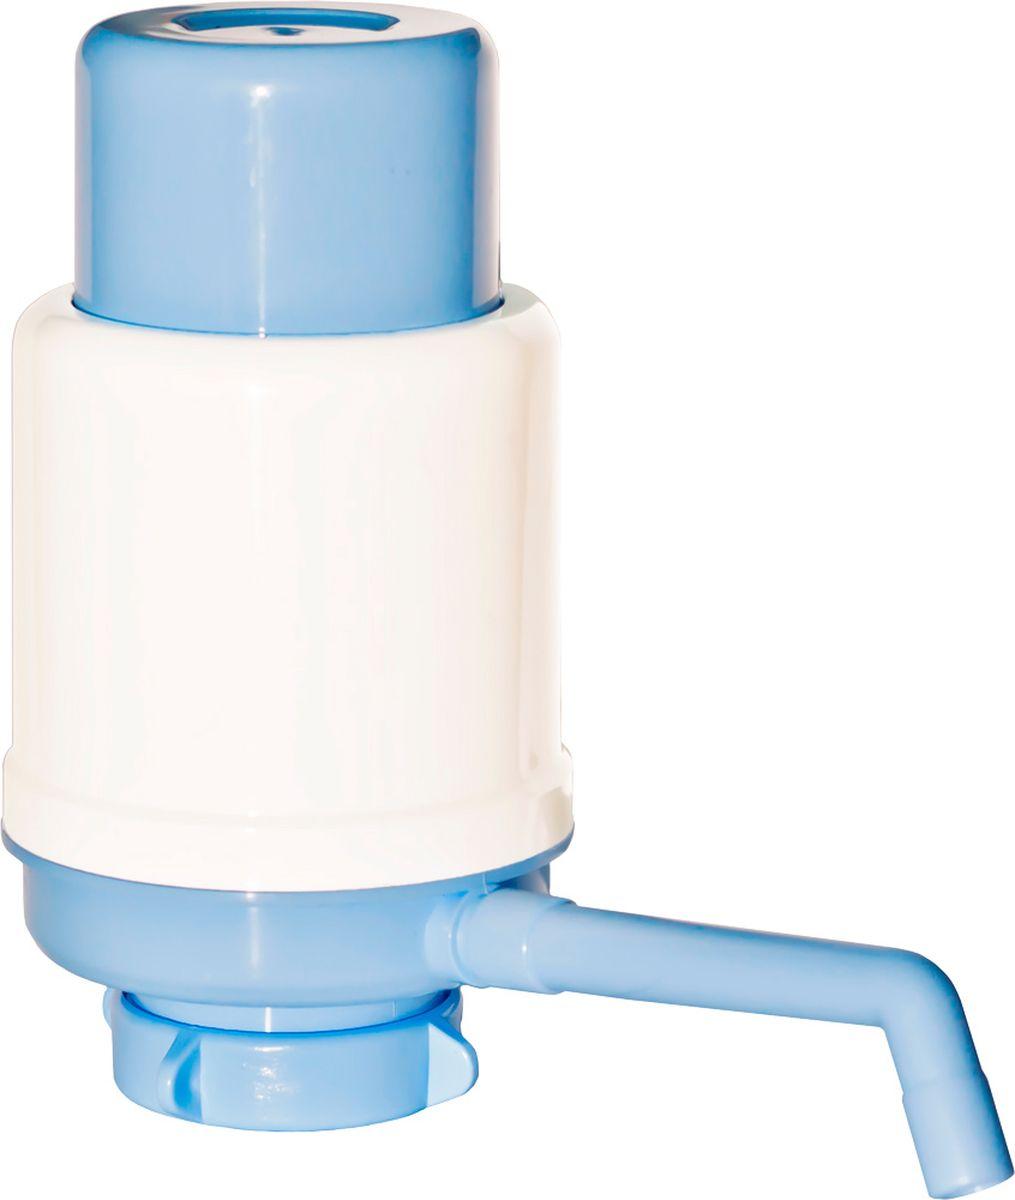 Aqua Work Дельфин Эко, Blue помпа для воды20071Ручная помпа для воды Дельфин Эко проста и удобна в эксплуатации. Ее приобретают домой и в офисы, берут с собой в поездки на природу и на дачу.Детали тщательно подогнаны друг к другу, без лишних зазоров, благодаря этому при эксплуатации кнопка не шатается, не издает посторонних звуков.Изготовлена из прочного пищевого пластика.Используется с любыми стандартными бутылями из поликарбоната и ПЭТ емкостью 19 или 12 литровКрепится на горлышке при помощи надежного цангового зажимаОткачивает воду с самого дна бутыли при помощи составной трубки длиной более 48 смЛегко разбирается для профилактической промывки